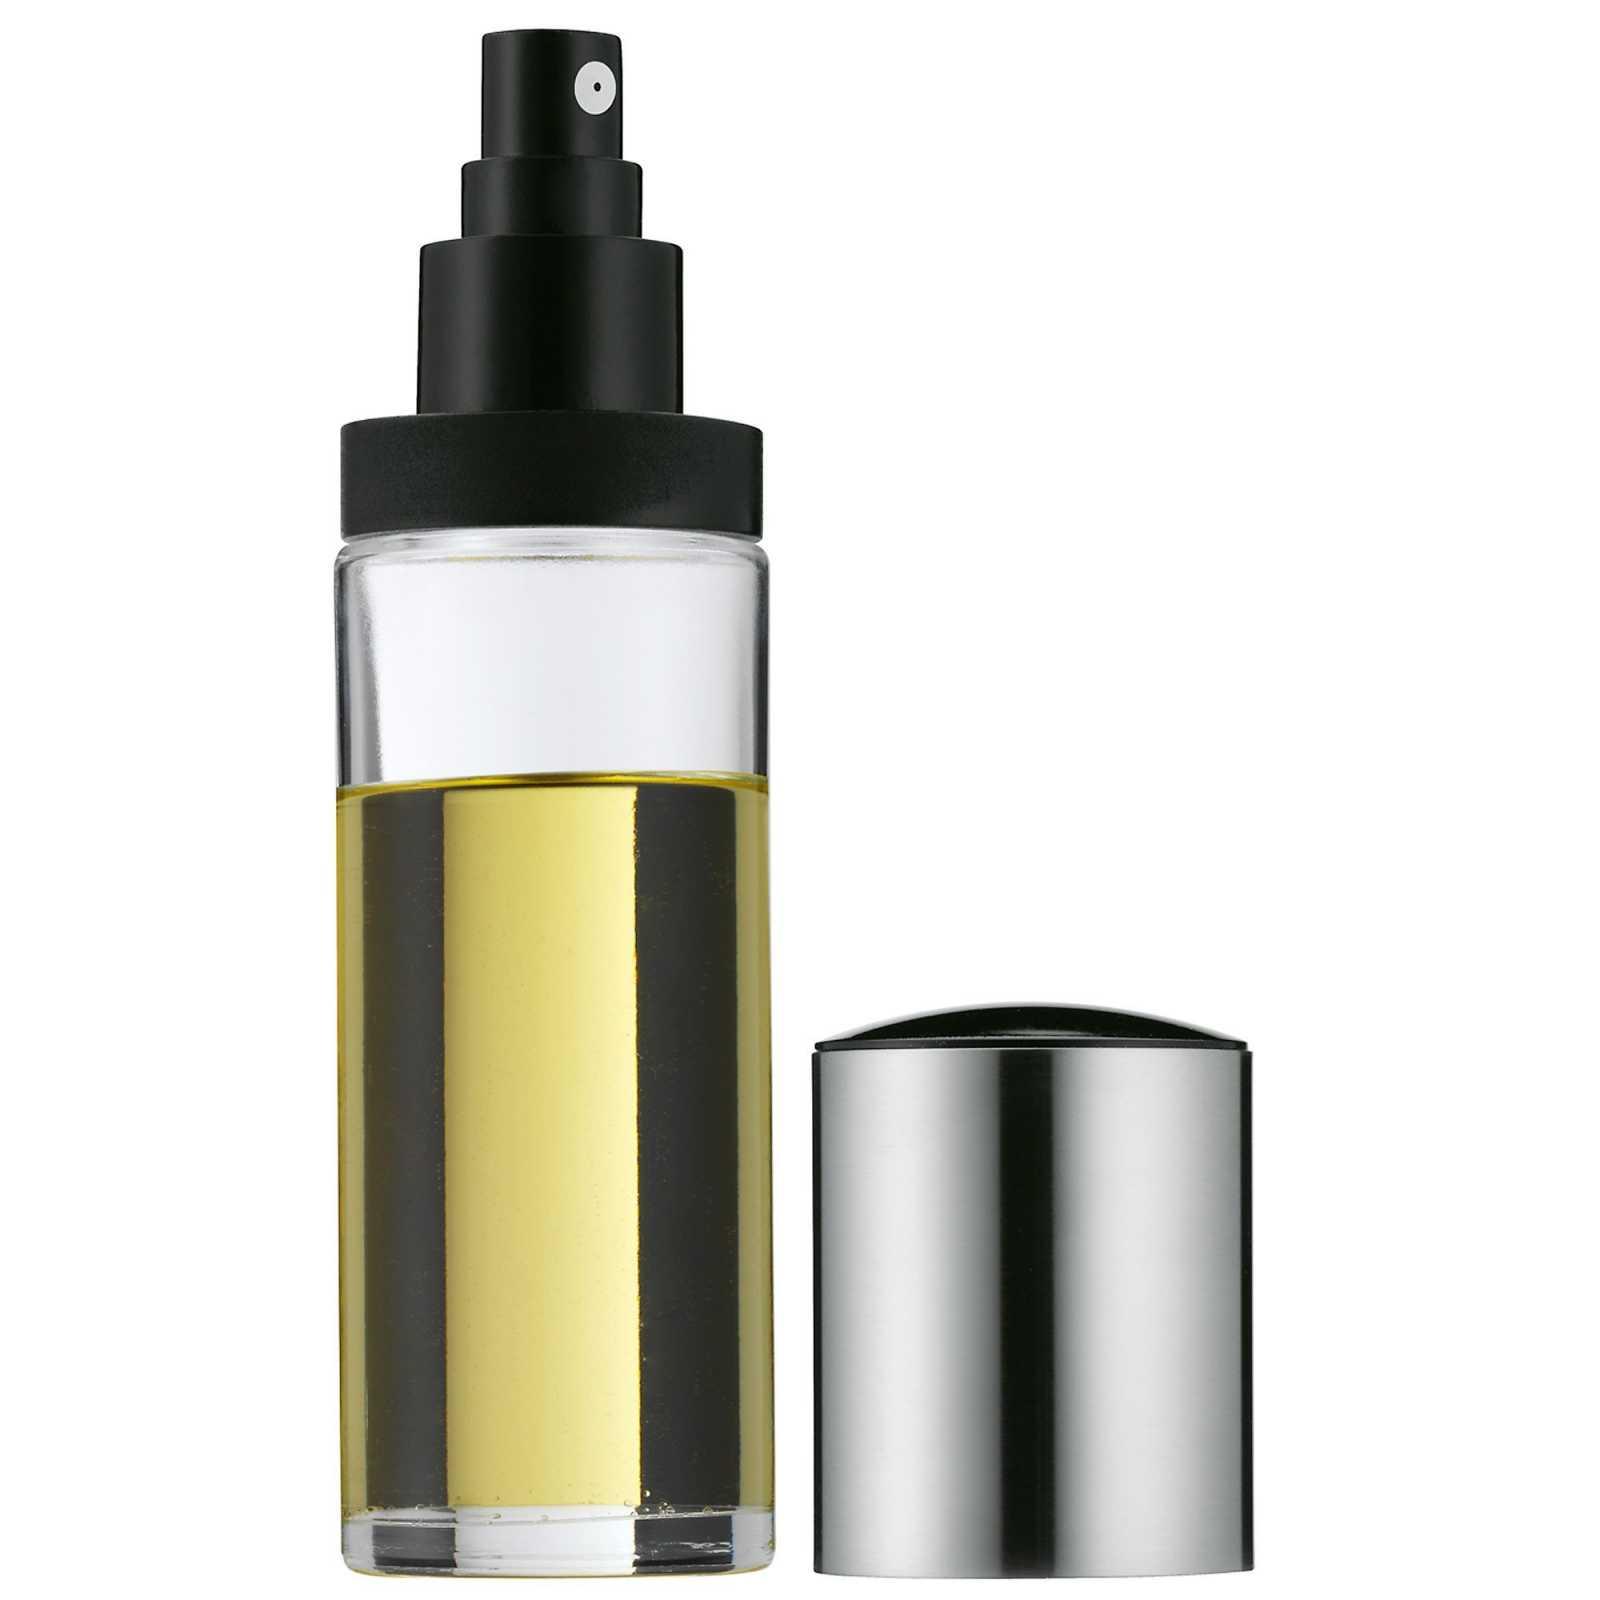 Онлайн каталог PROMENU: Бутылка с распылителем для масла WMF , прозрачный с черным WMF 06 1928 6030